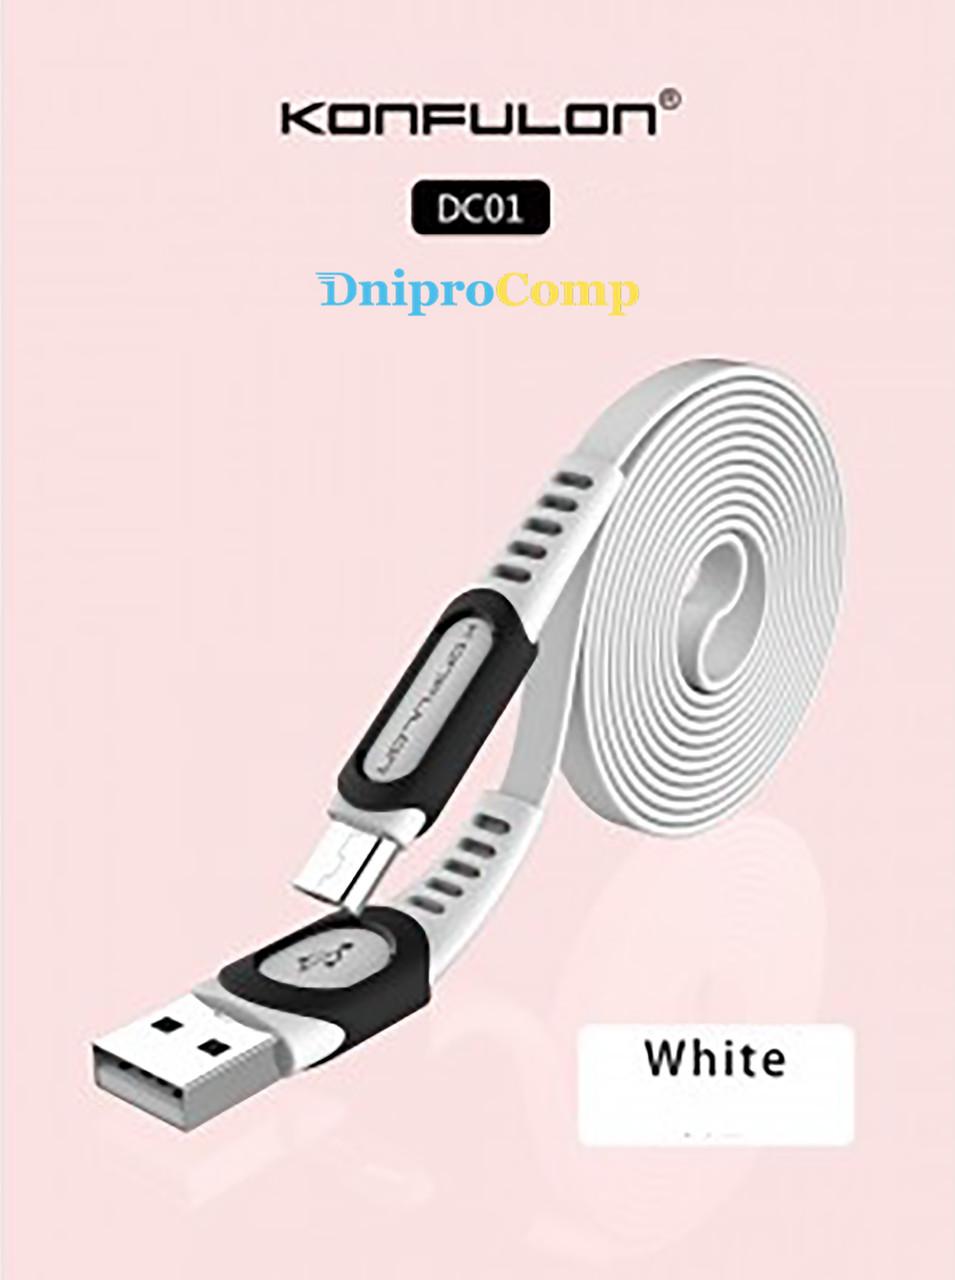 Кабель Konfulon Type-C to USB DC06, 1.0m White